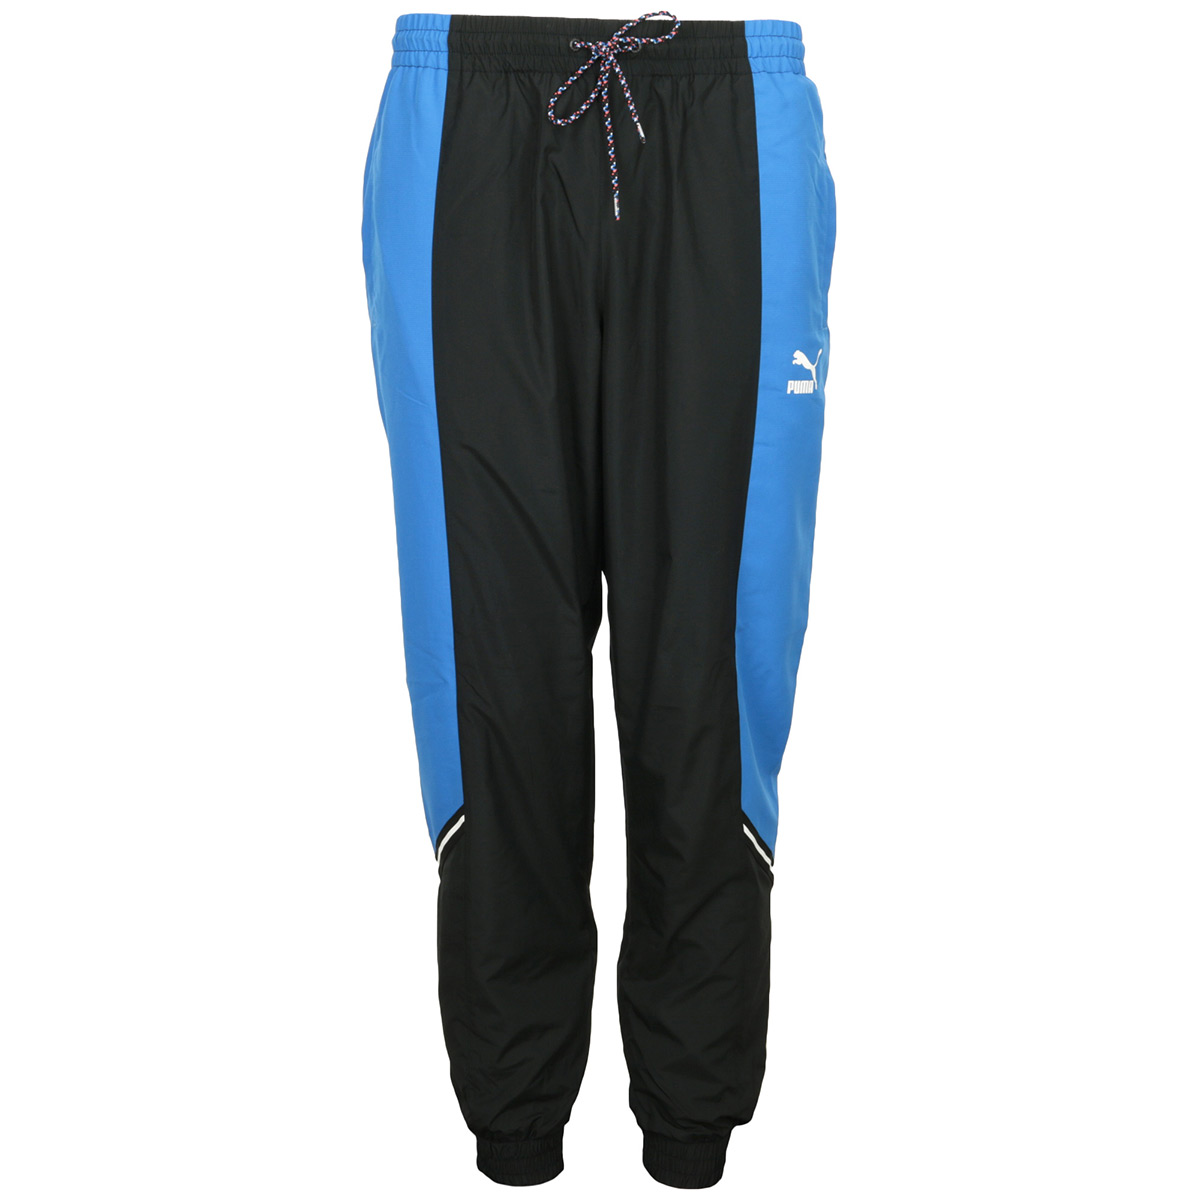 Détails sur Vêtement Pantalons sport Puma homme TFS Woven Pants taille Bleu Polyester